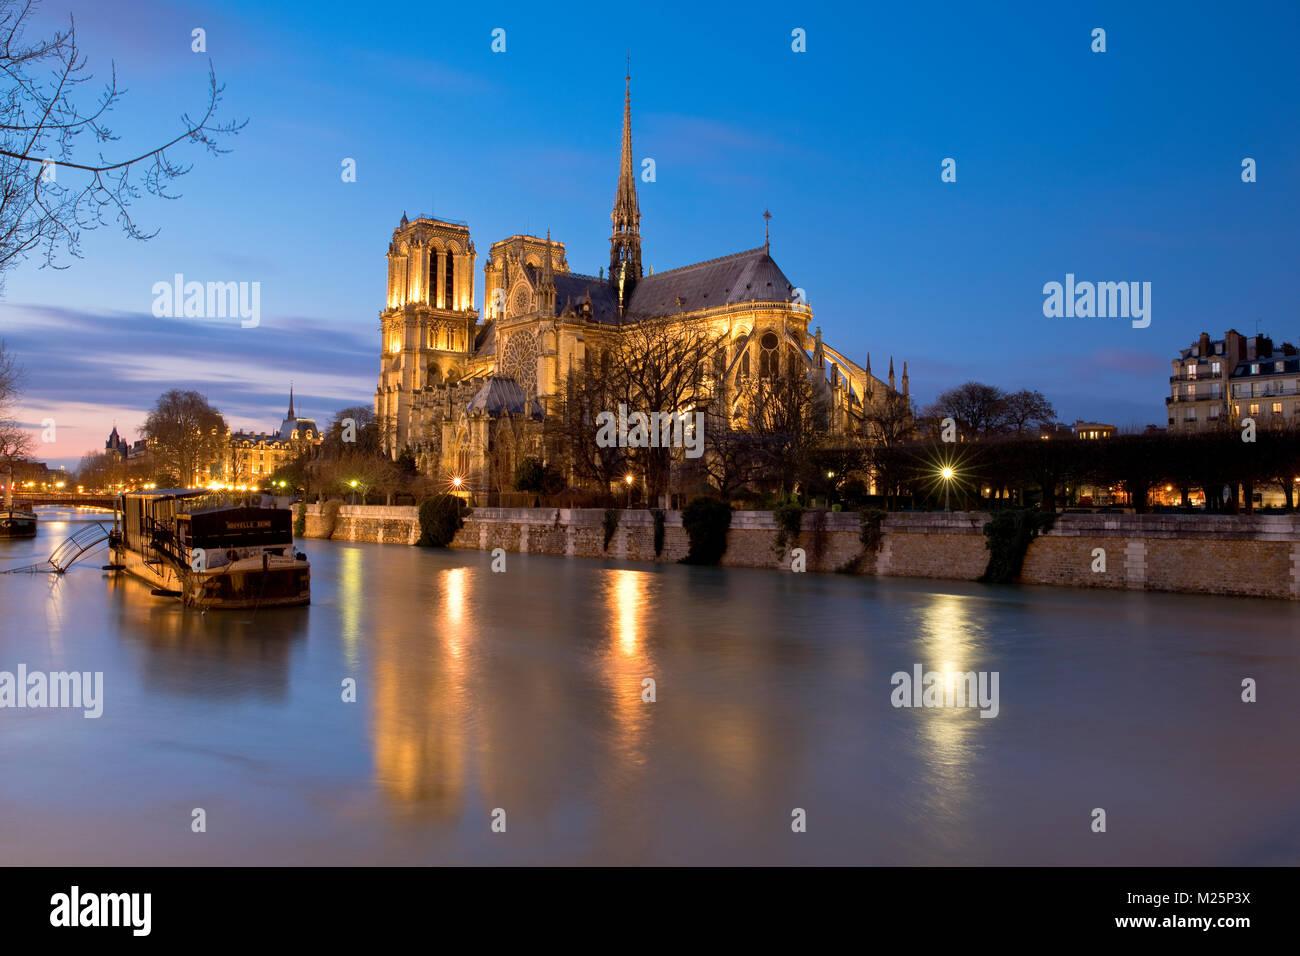 L'inondation de la Seine près de Notre-Dame de Paris, l'Île de la Cité, la France au cours Photo Stock